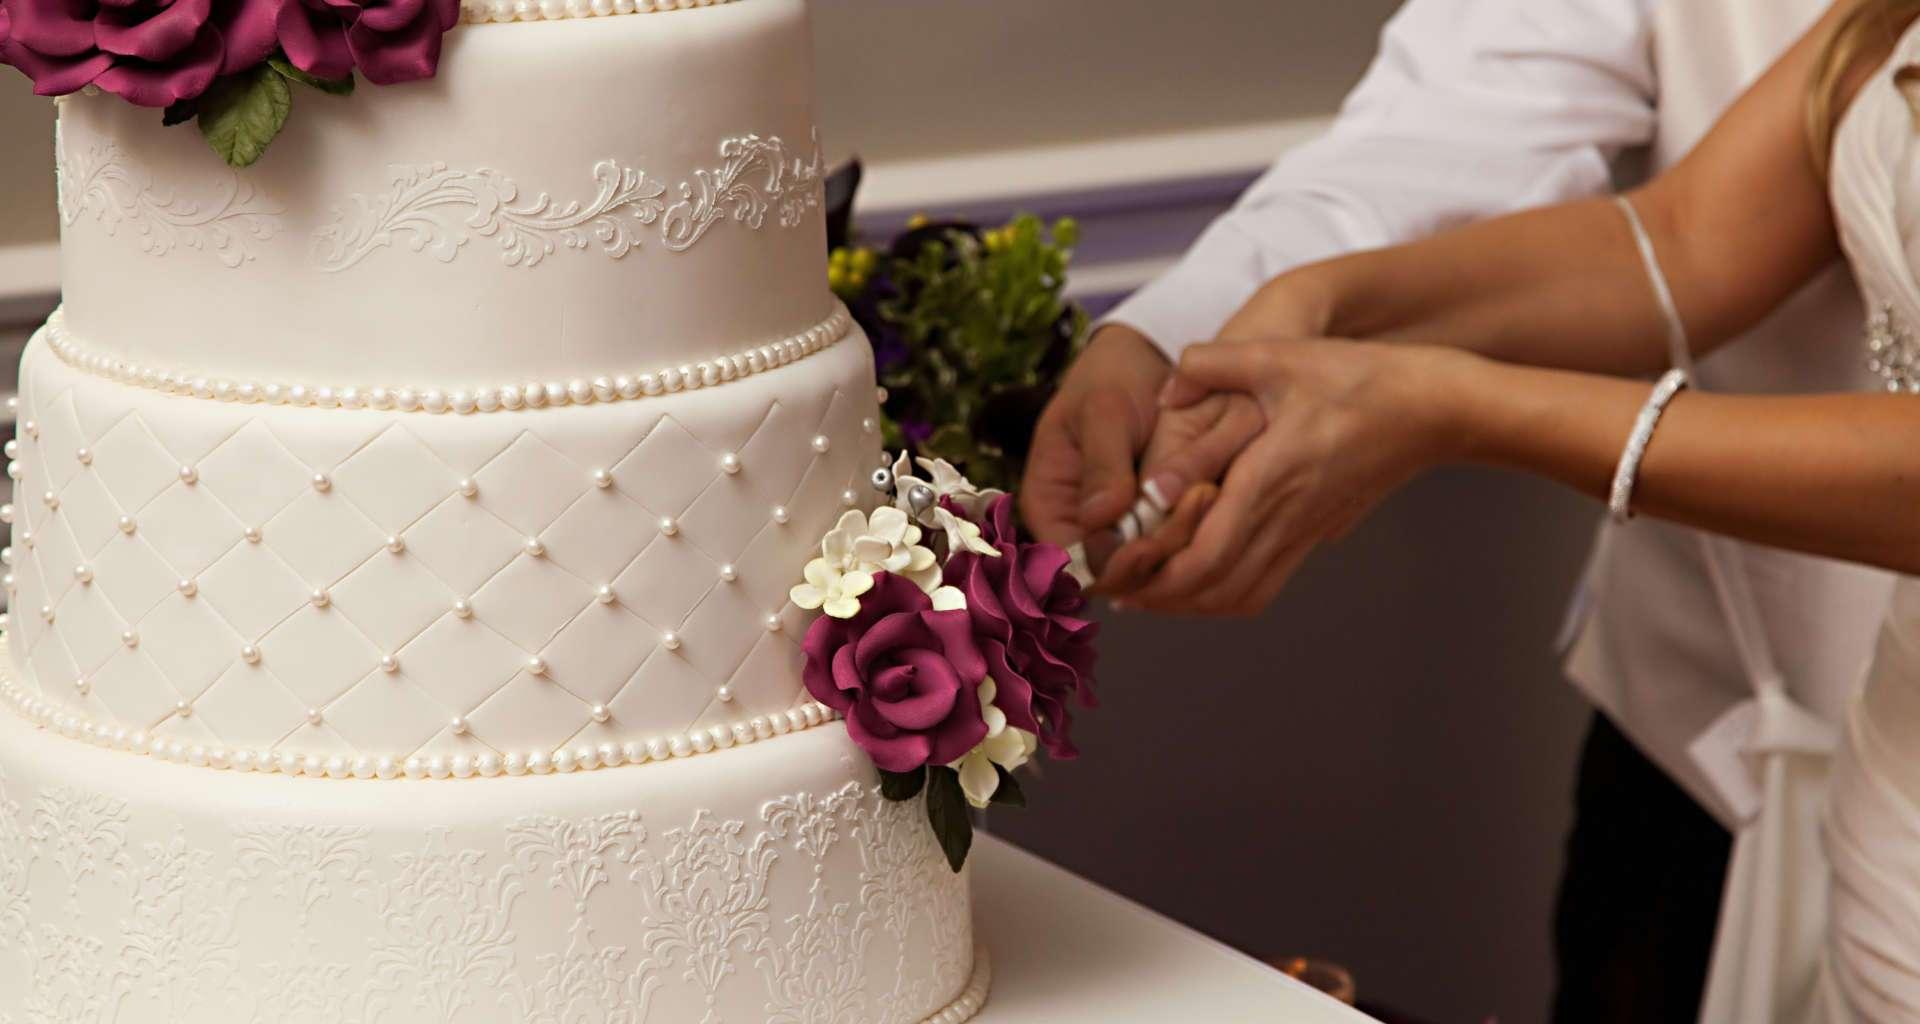 Organizirate dogodek in potrebujete torto? Pomagali vam bomo najti pravega slaščičarja za vaš dogodek